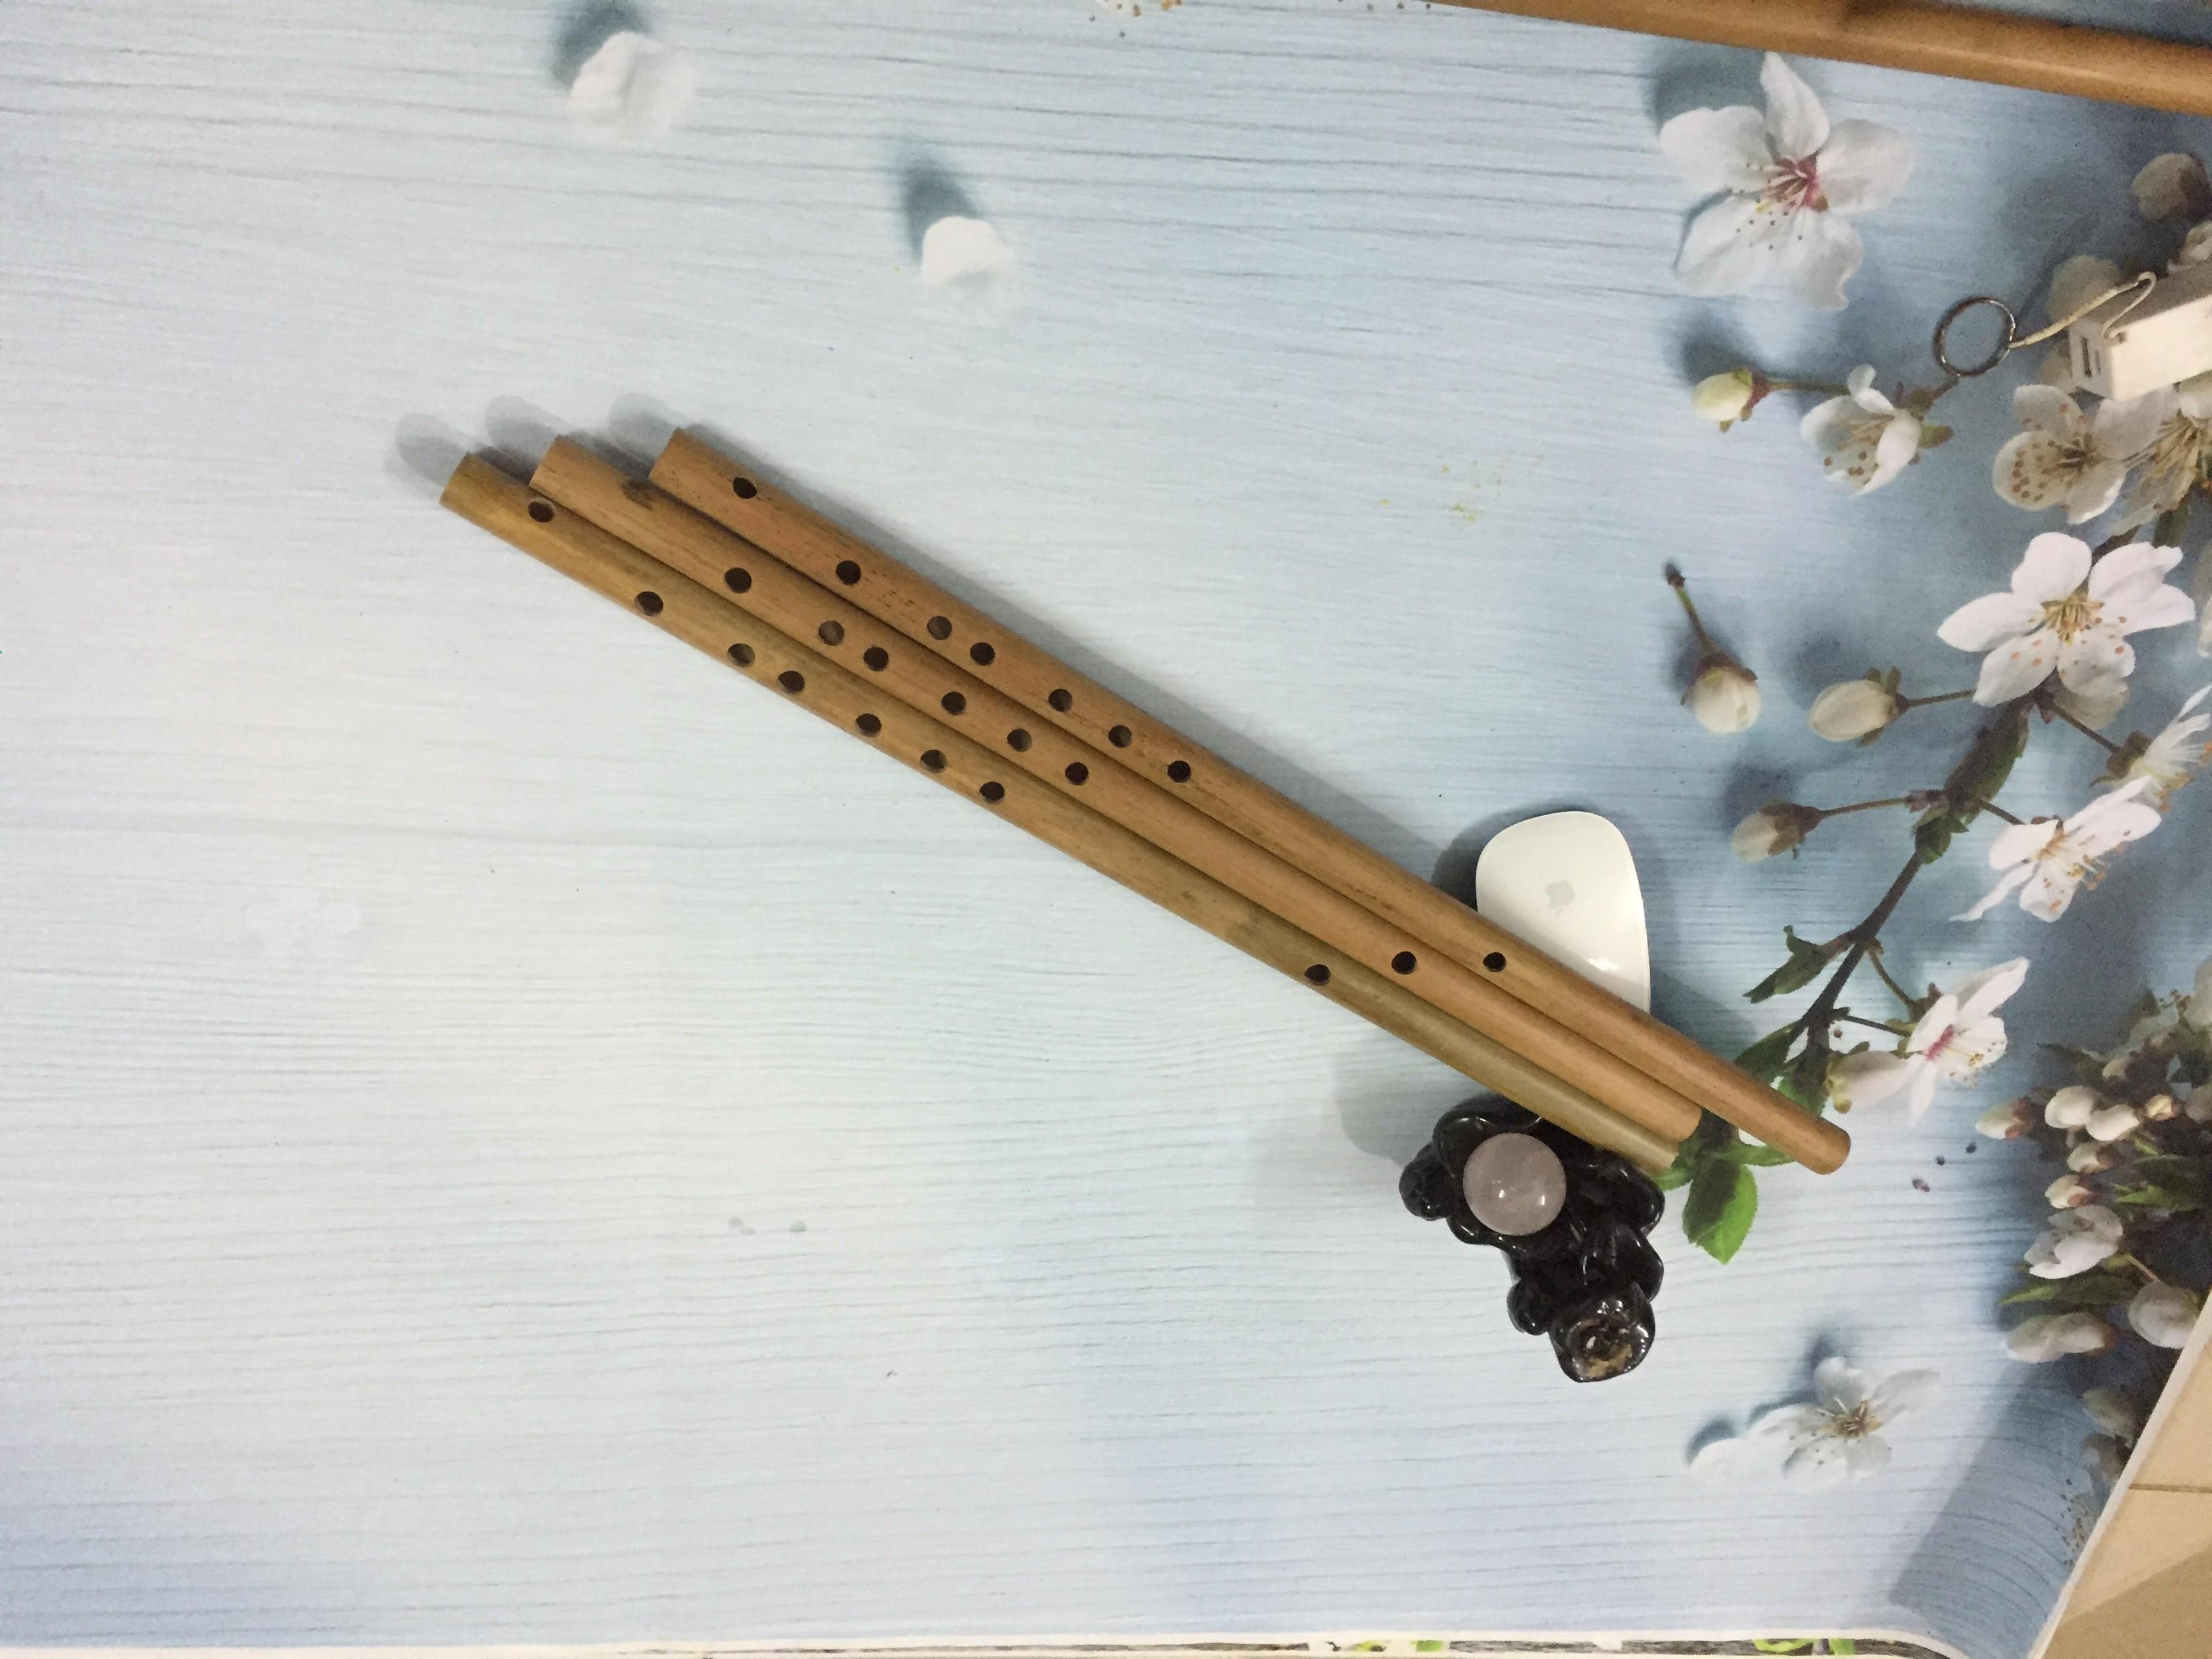 Bạn đã biết tiêu chuẩn của một cây sáo trúc tốt chưa?